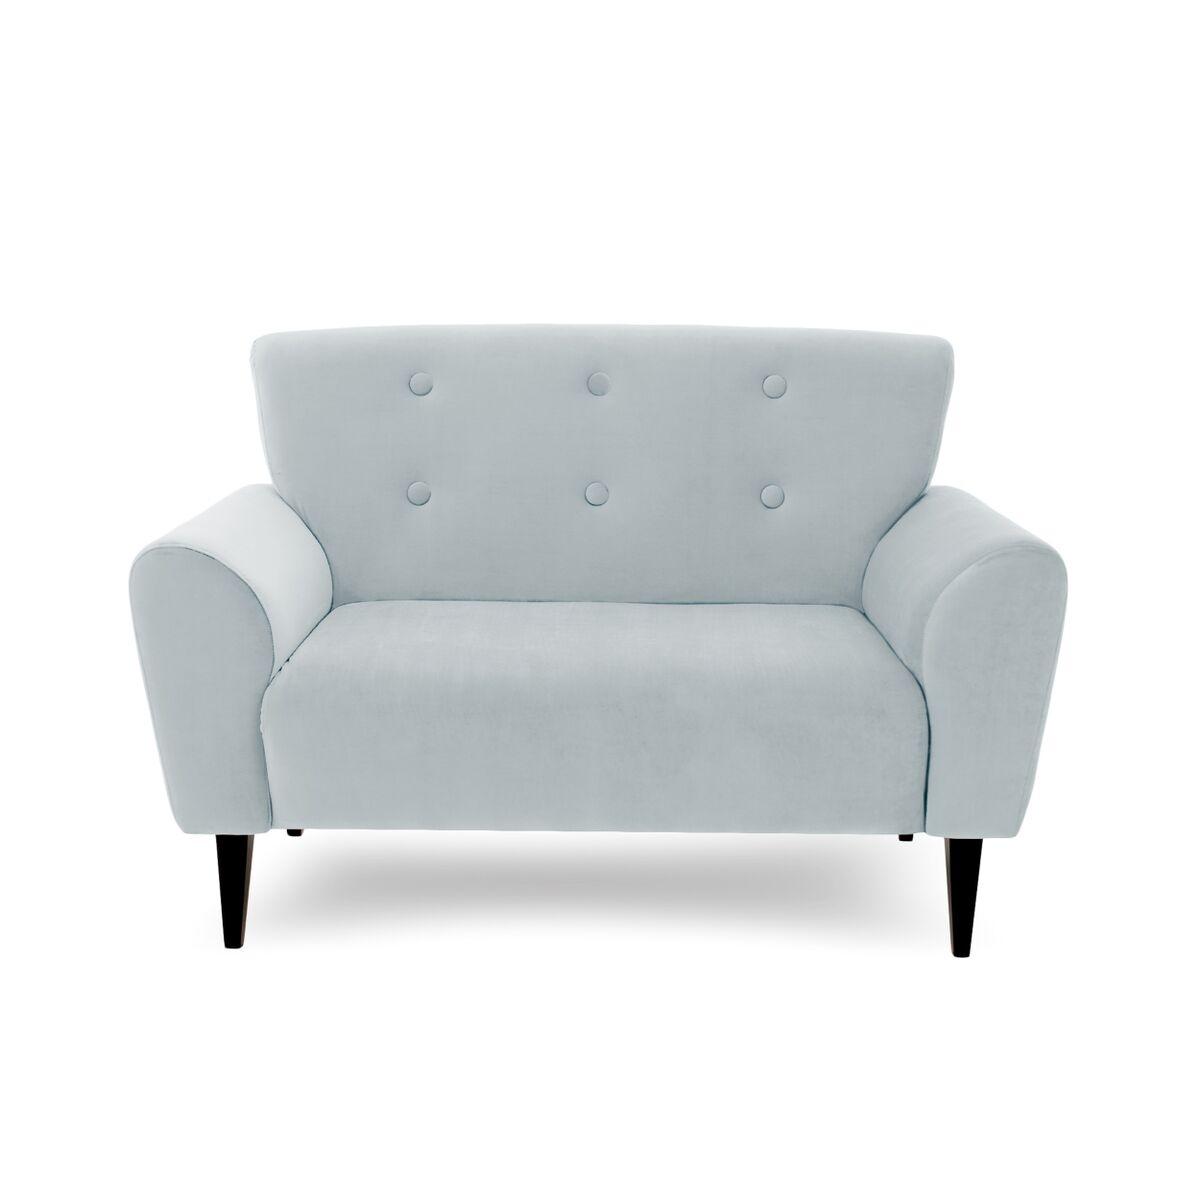 Canapea Fixa 2 locuri Kiara Sky Blue